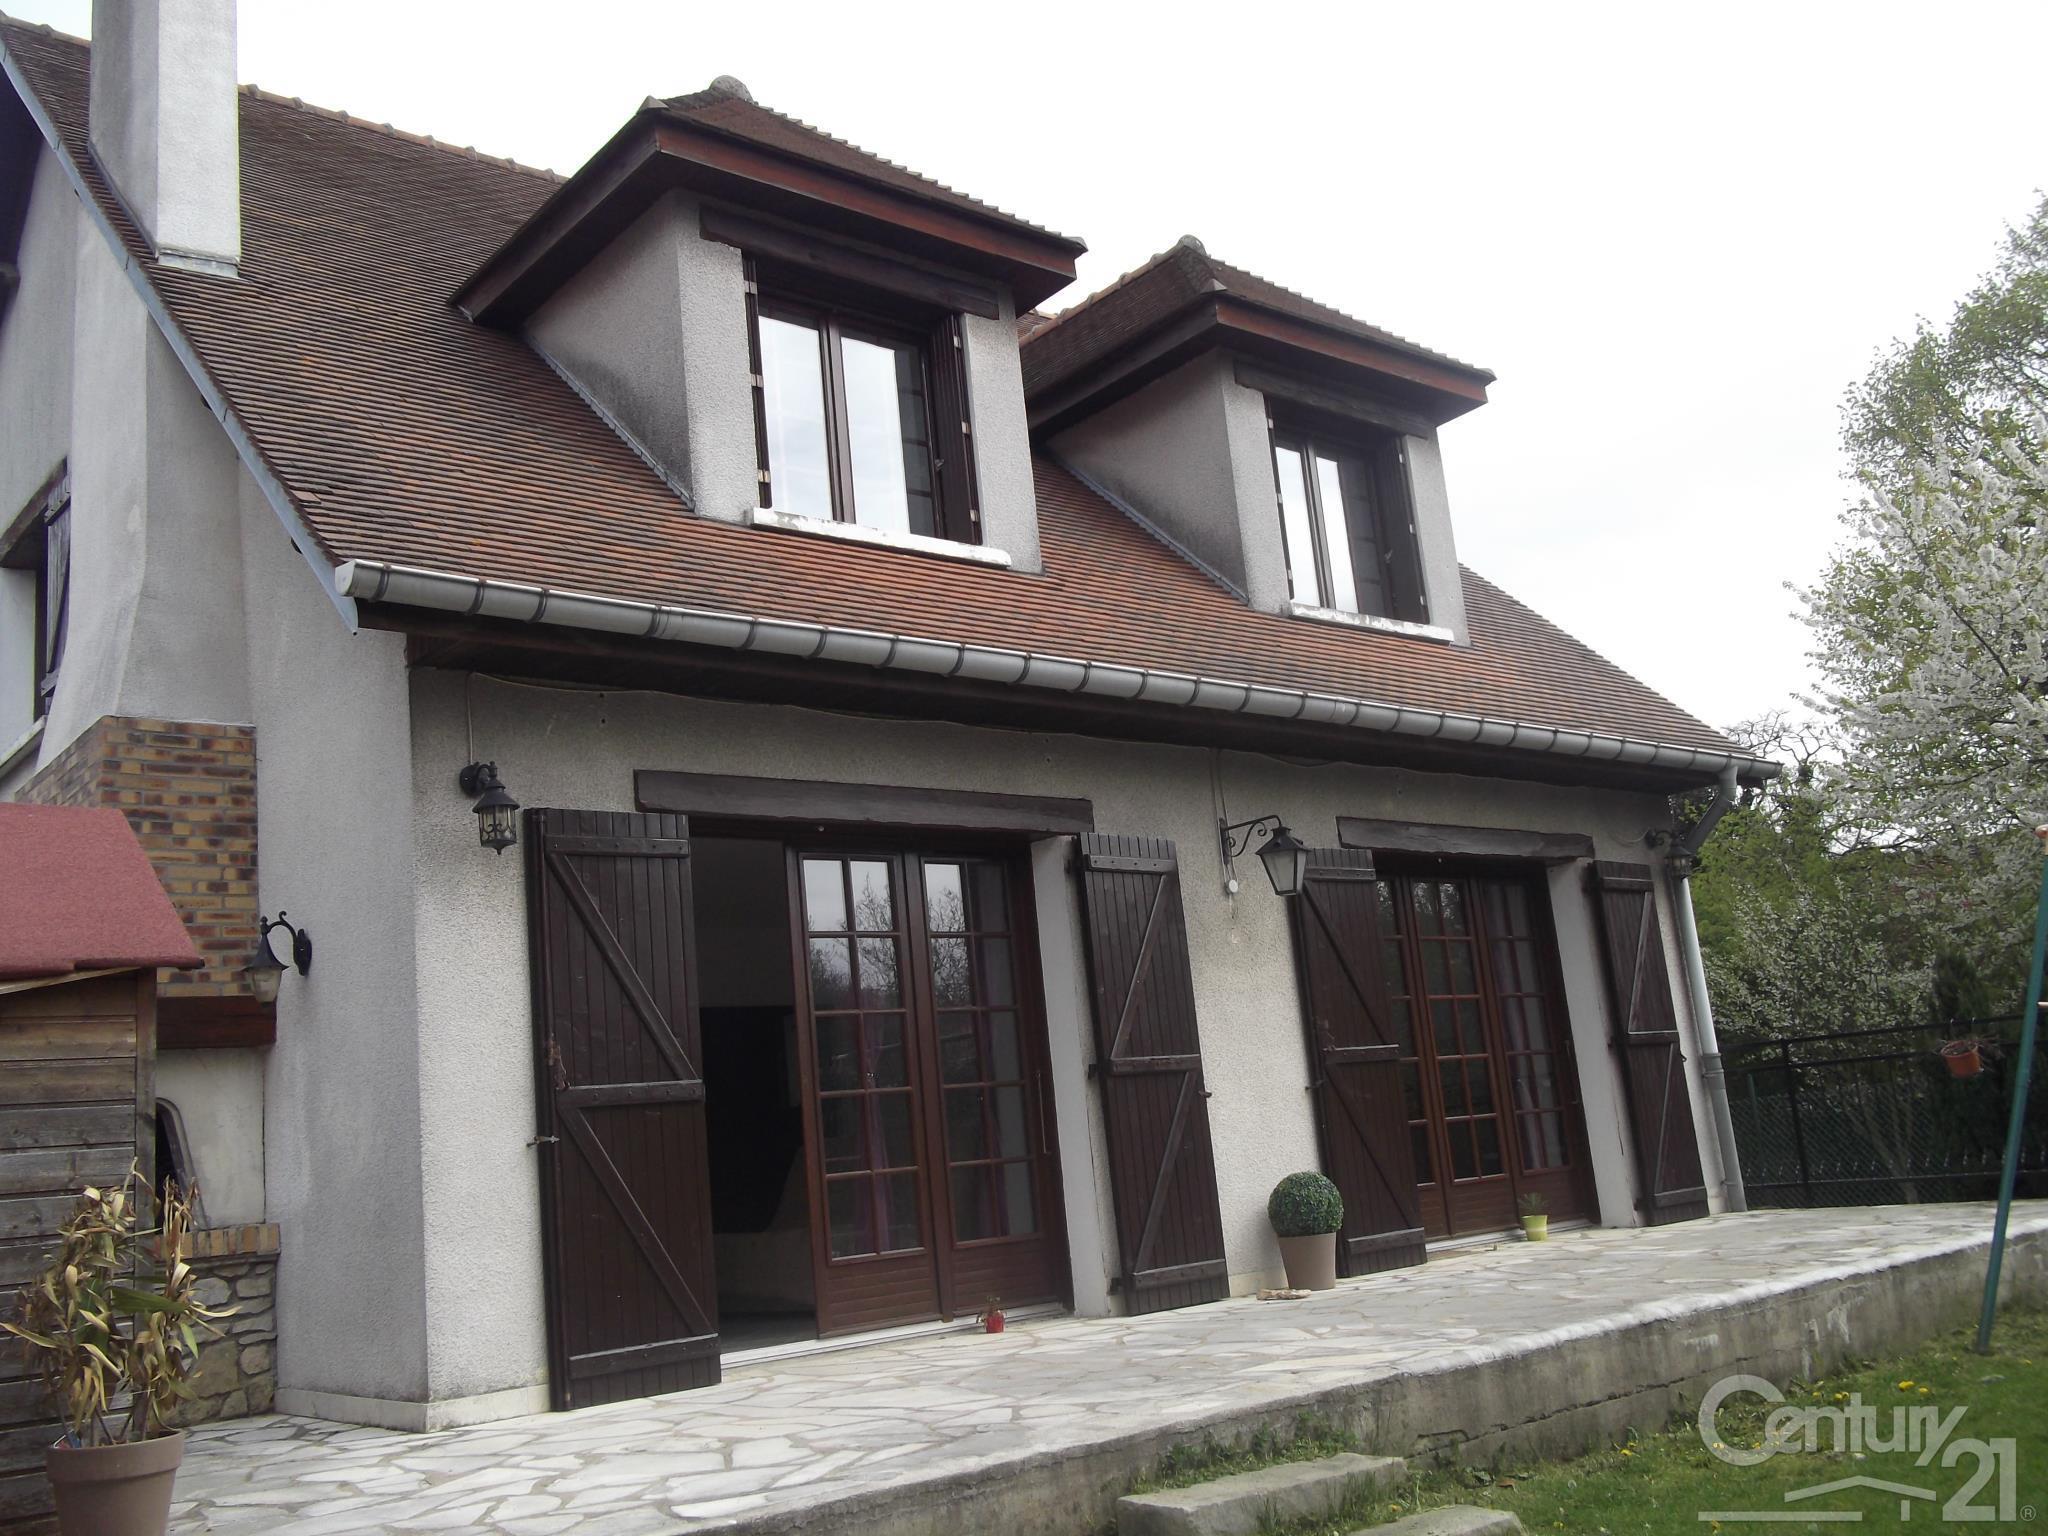 Louer une maison en ile de france ventana blog for Garage a louer 93